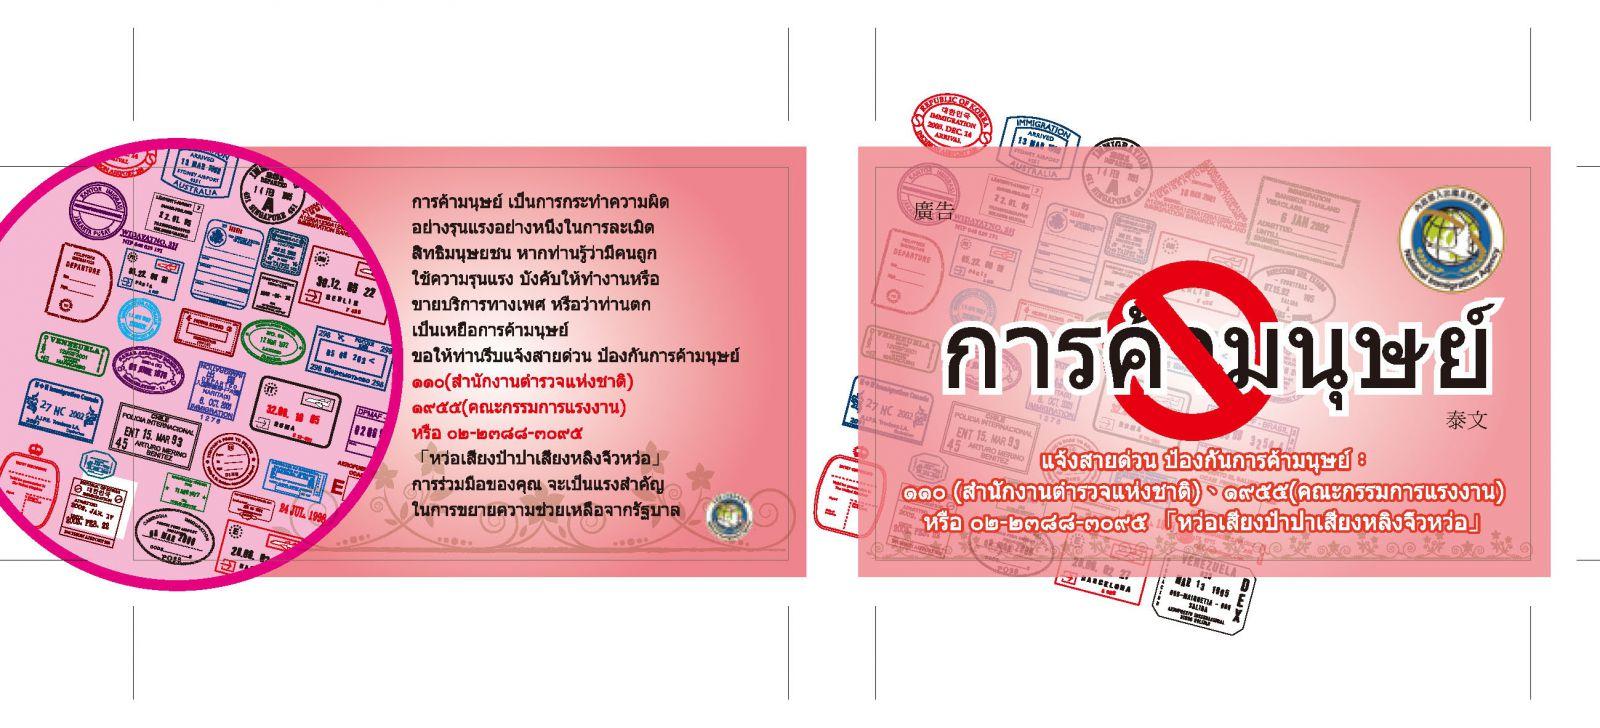 小卡-thailand